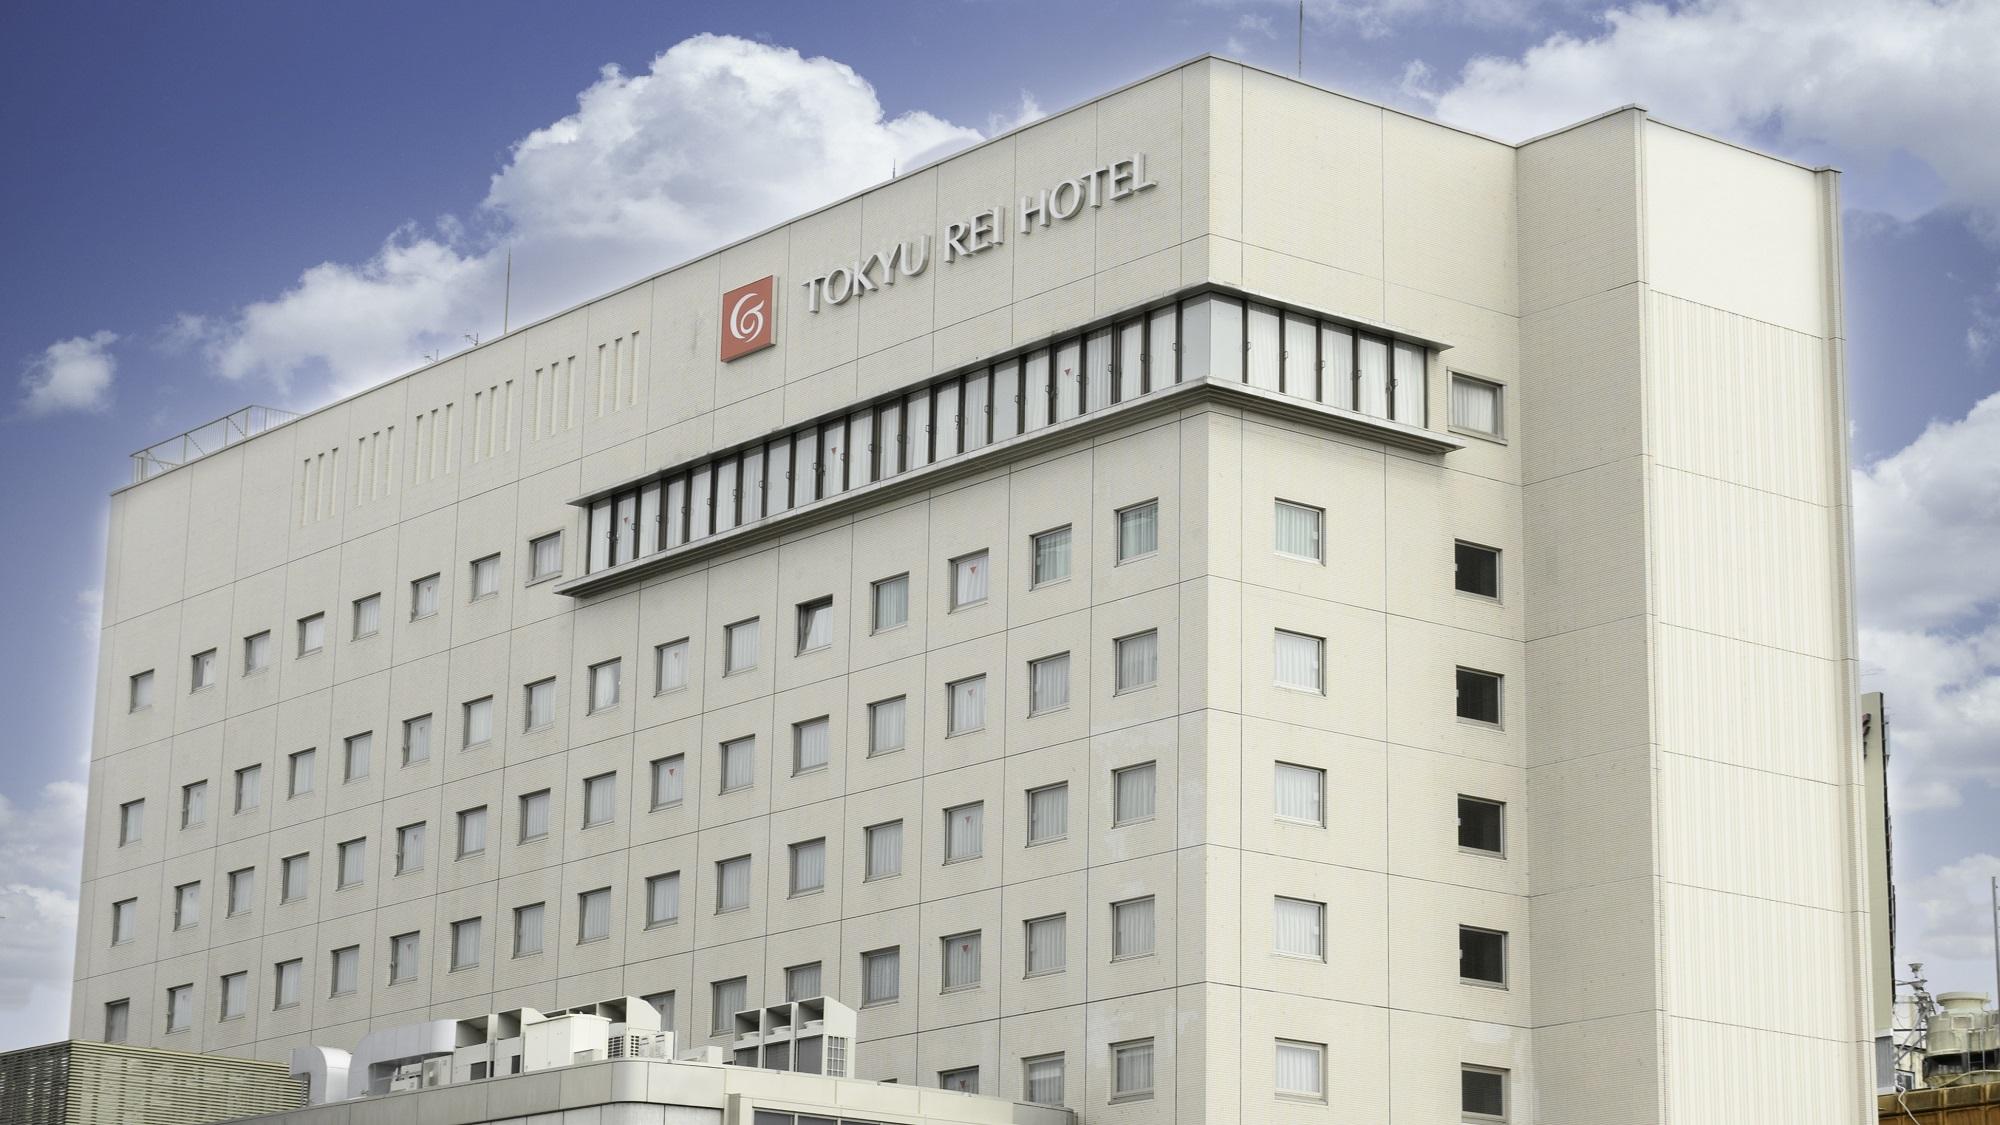 長野・東急REIホテル